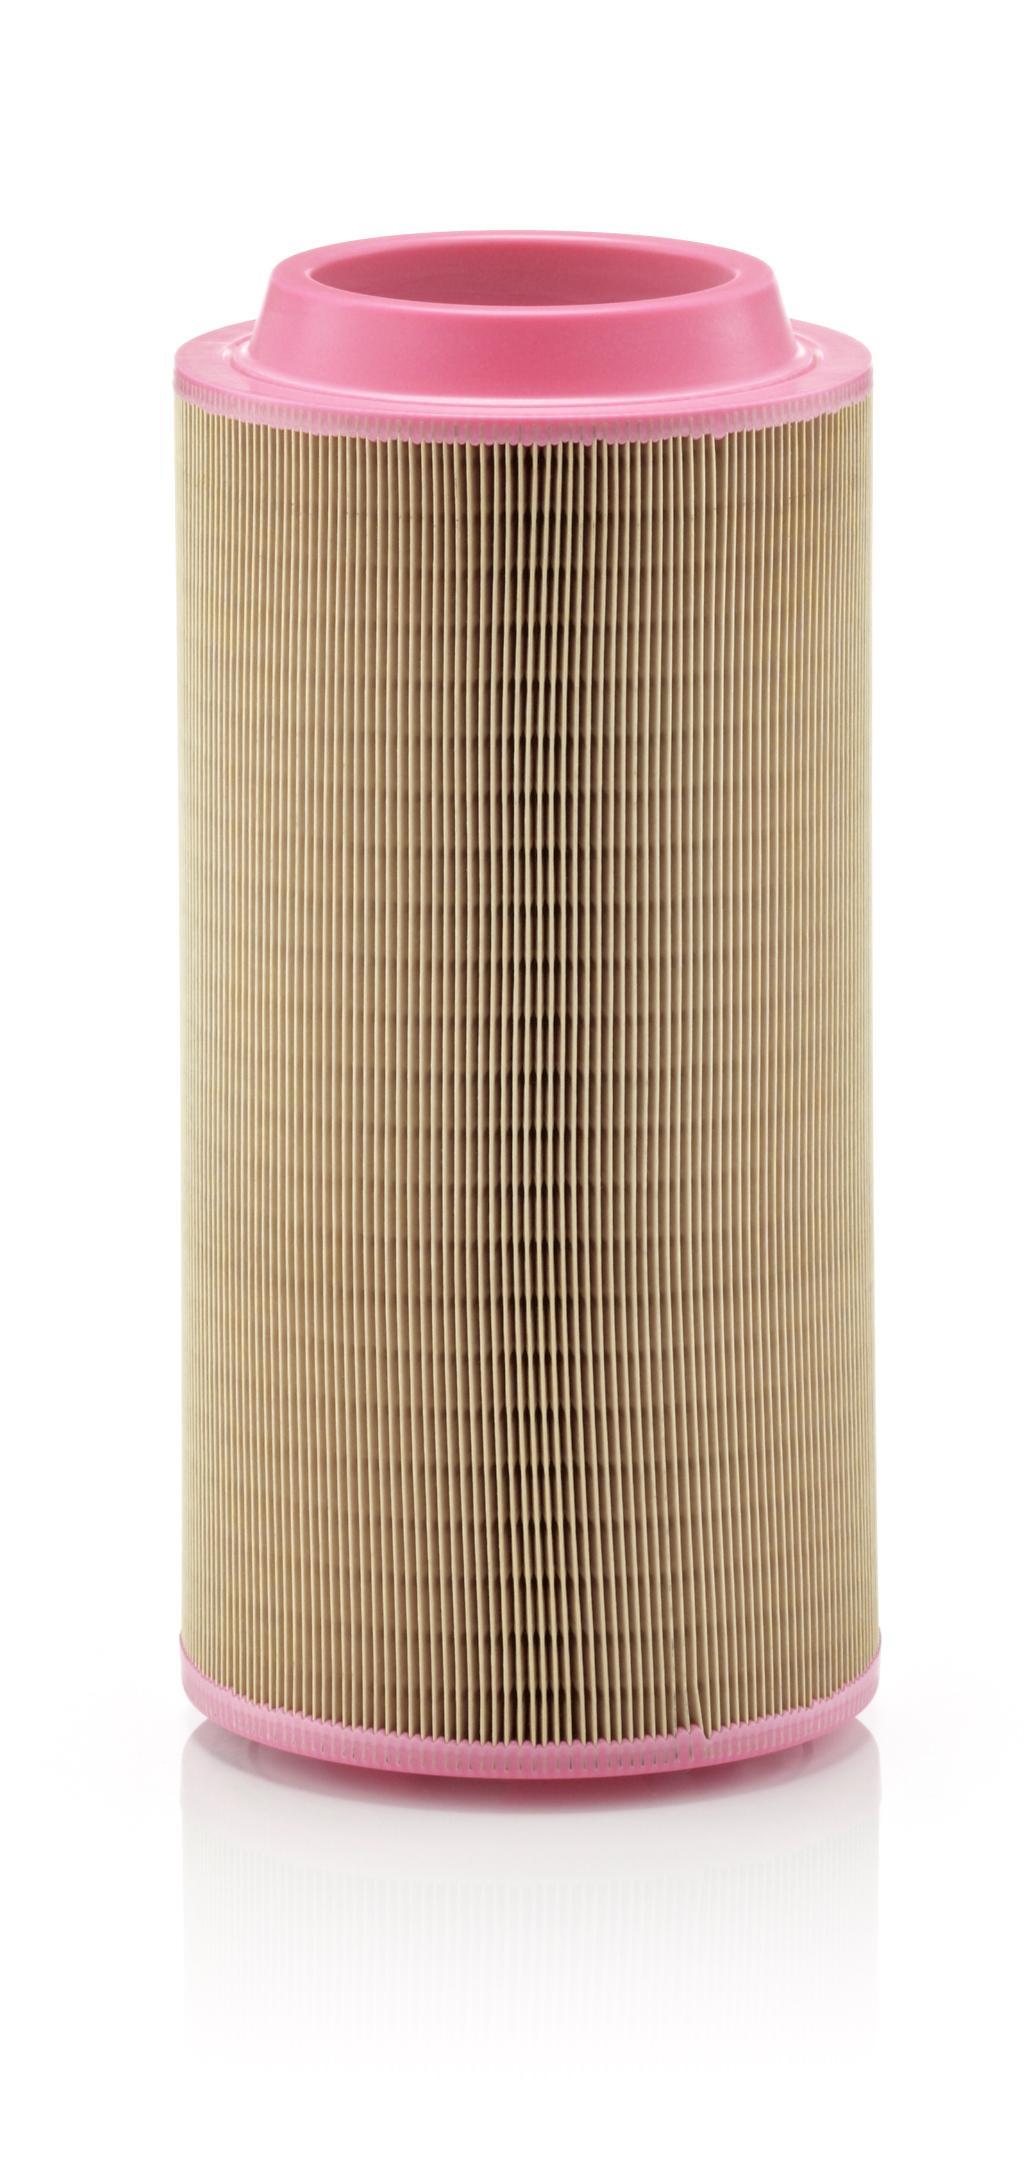 Kup MANN-FILTER Filtr powietrza C 20 500 do AVIA w umiarkowanej cenie